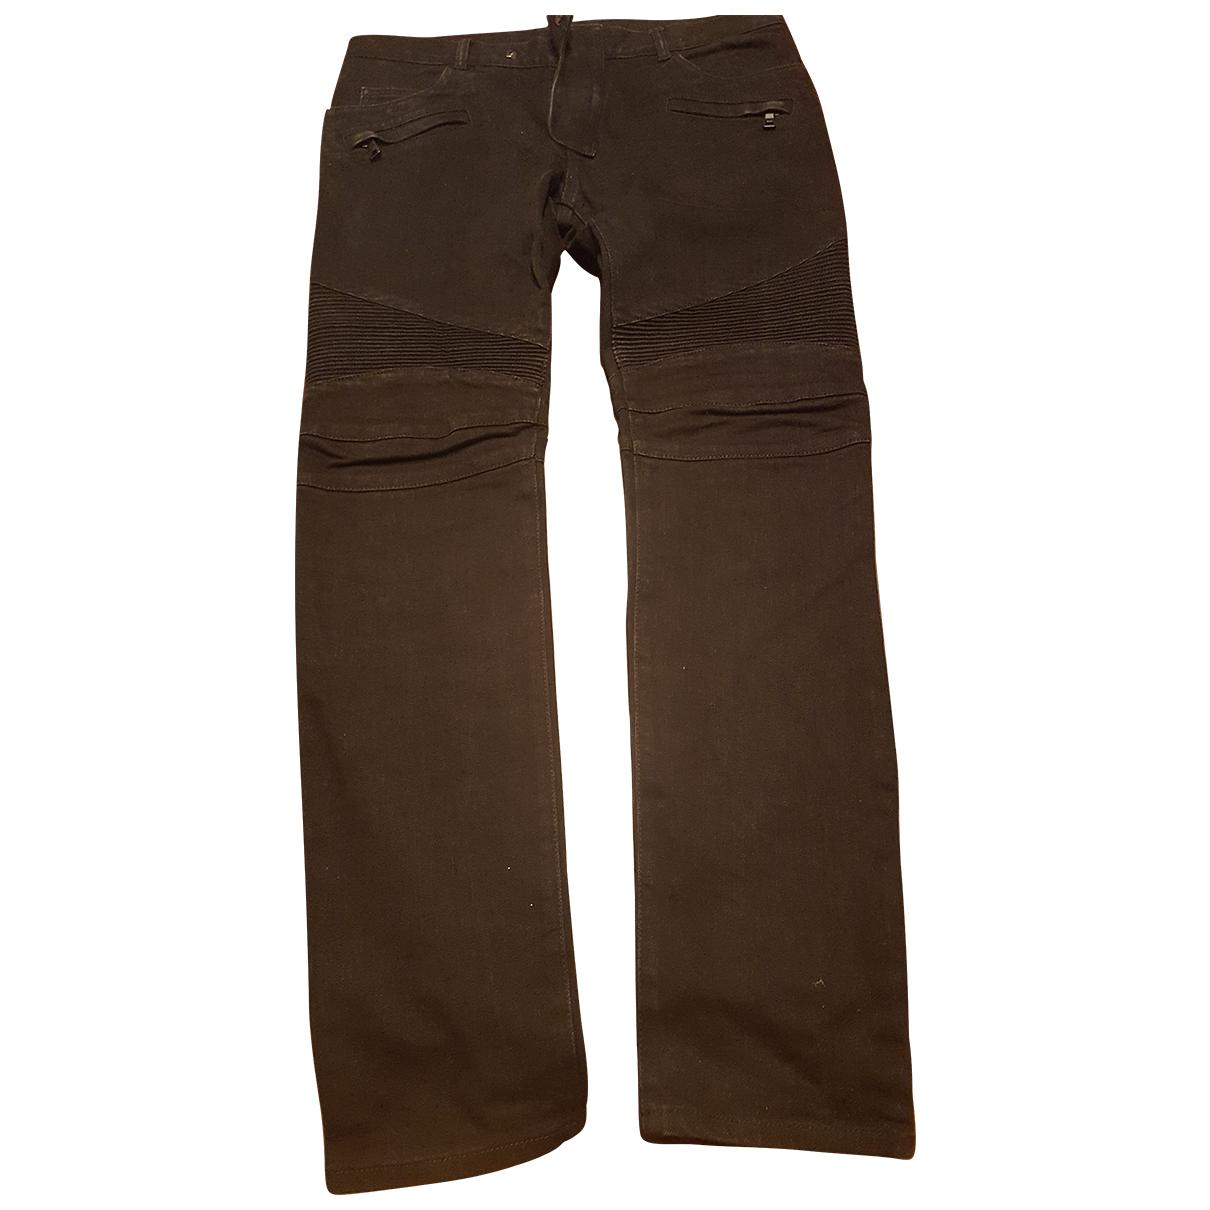 Balmain N Black Denim - Jeans Trousers for Men 34 UK - US